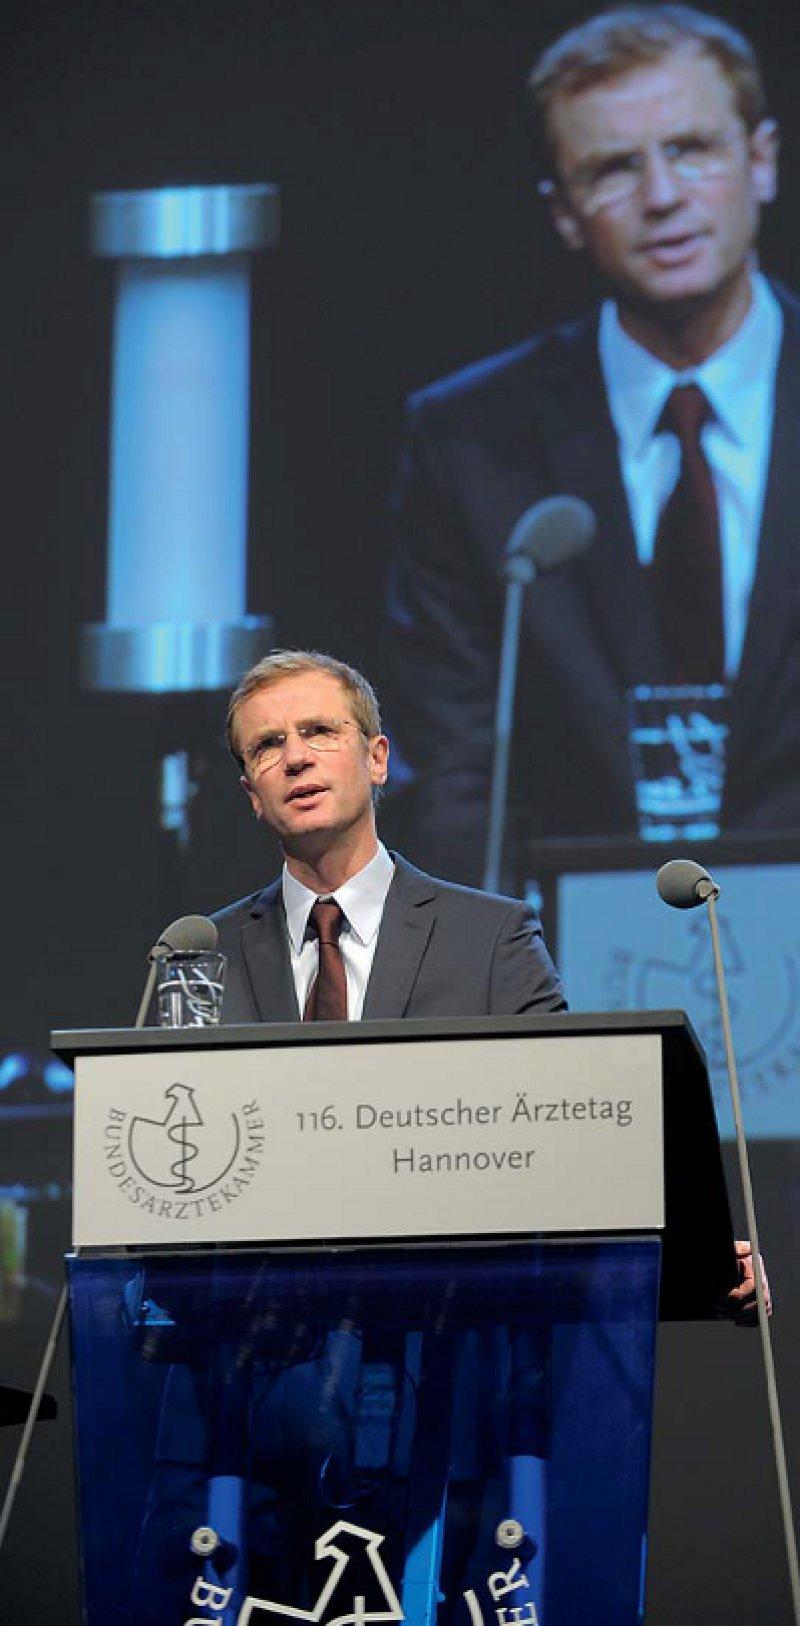 Olaf von dem Knesebeck: Die Verringerung gesundheitlicher Ungleichheit – inklusive der gesundheitlichen Auswirkungen von Armut – ist eine der zentralen politischen und gesellschaftlichen Aufgaben.